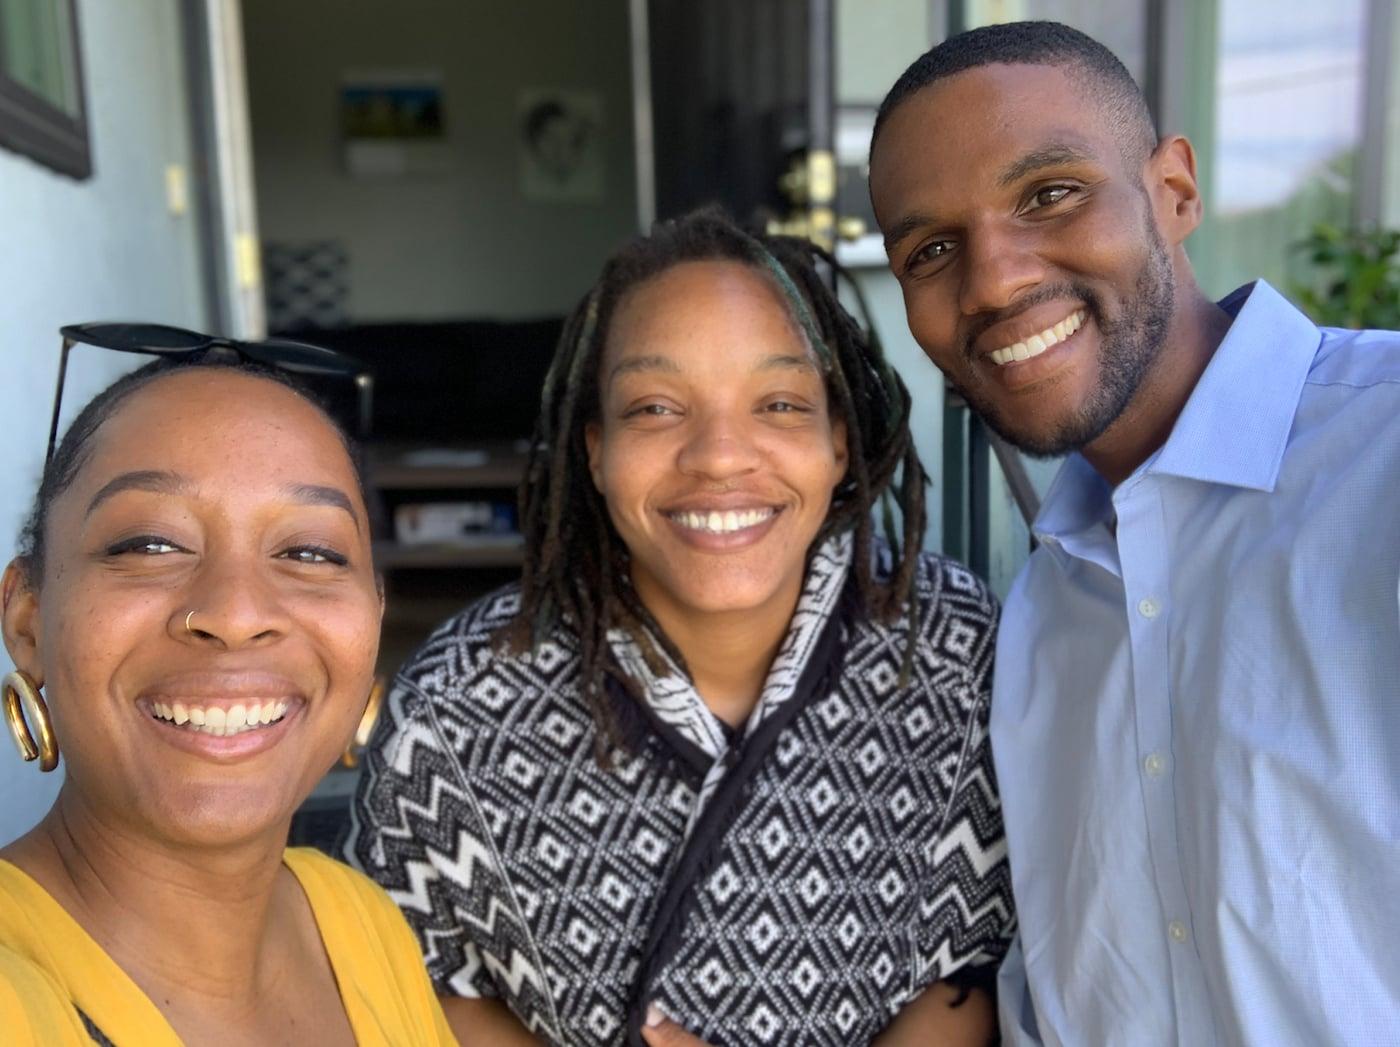 Drei Personen stehen beieinander und posieren lächelnd für ein Foto in ihrem Zuhause.